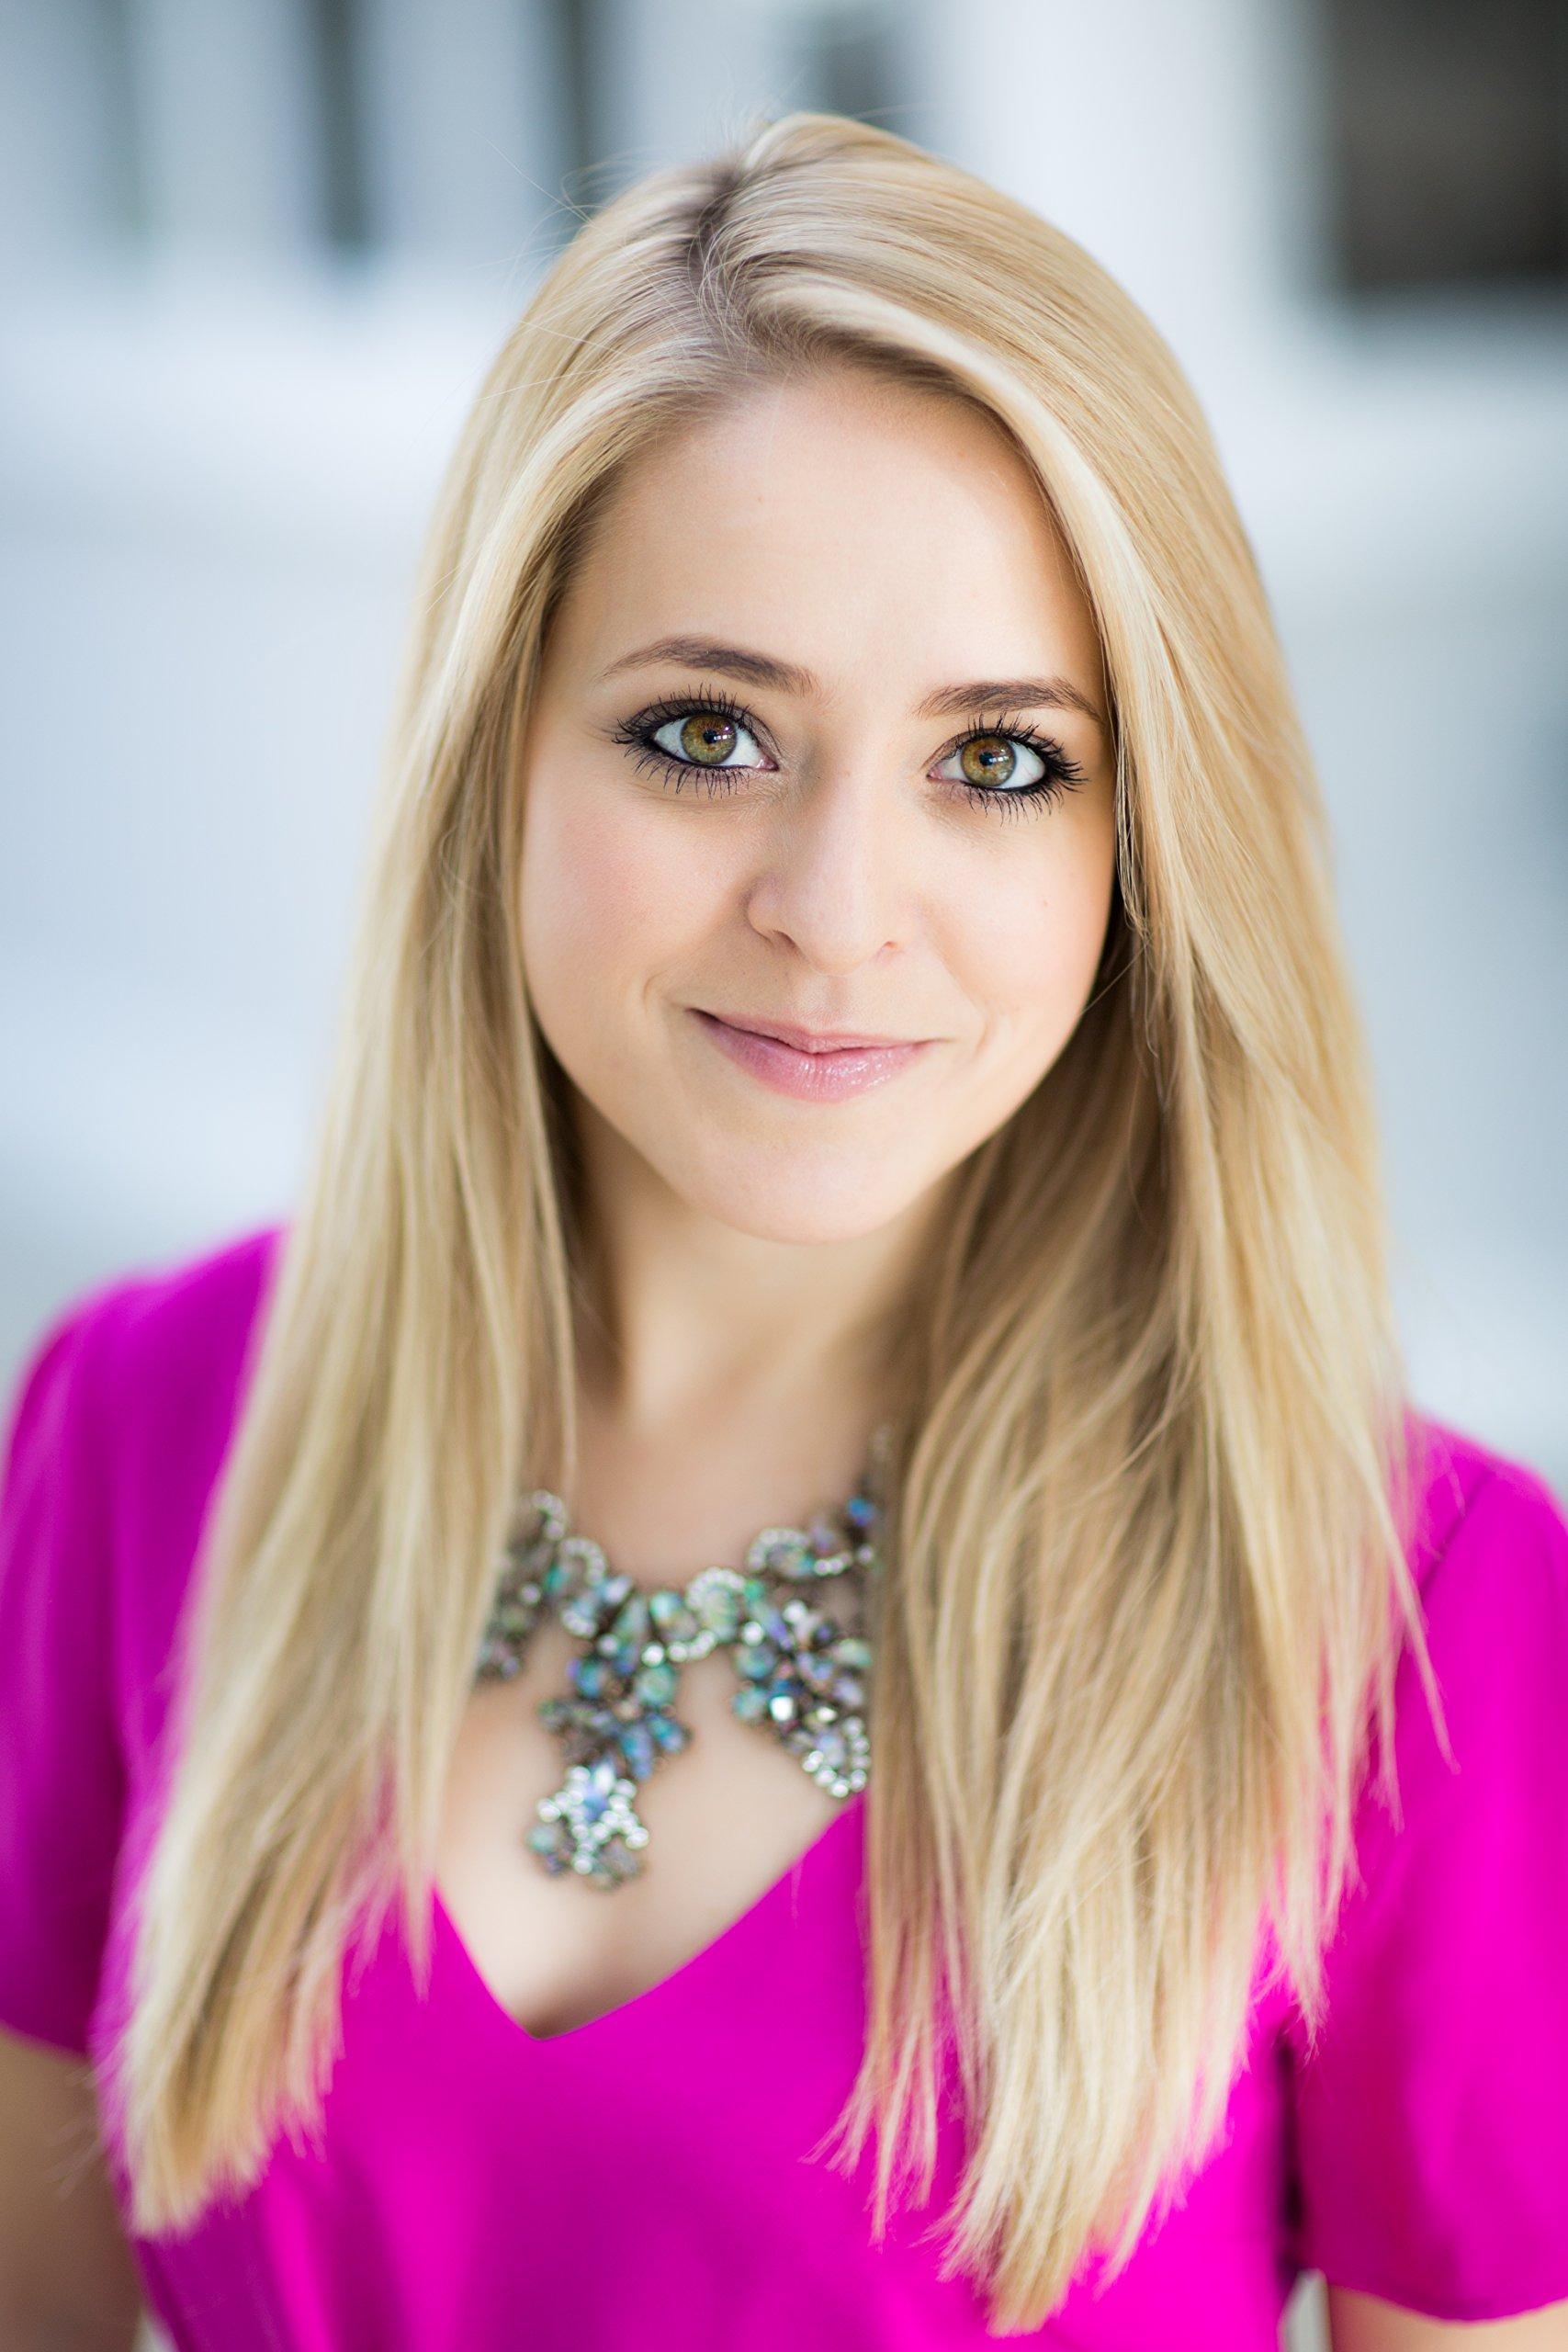 Makeup Artist Fleur De Force - age: 29